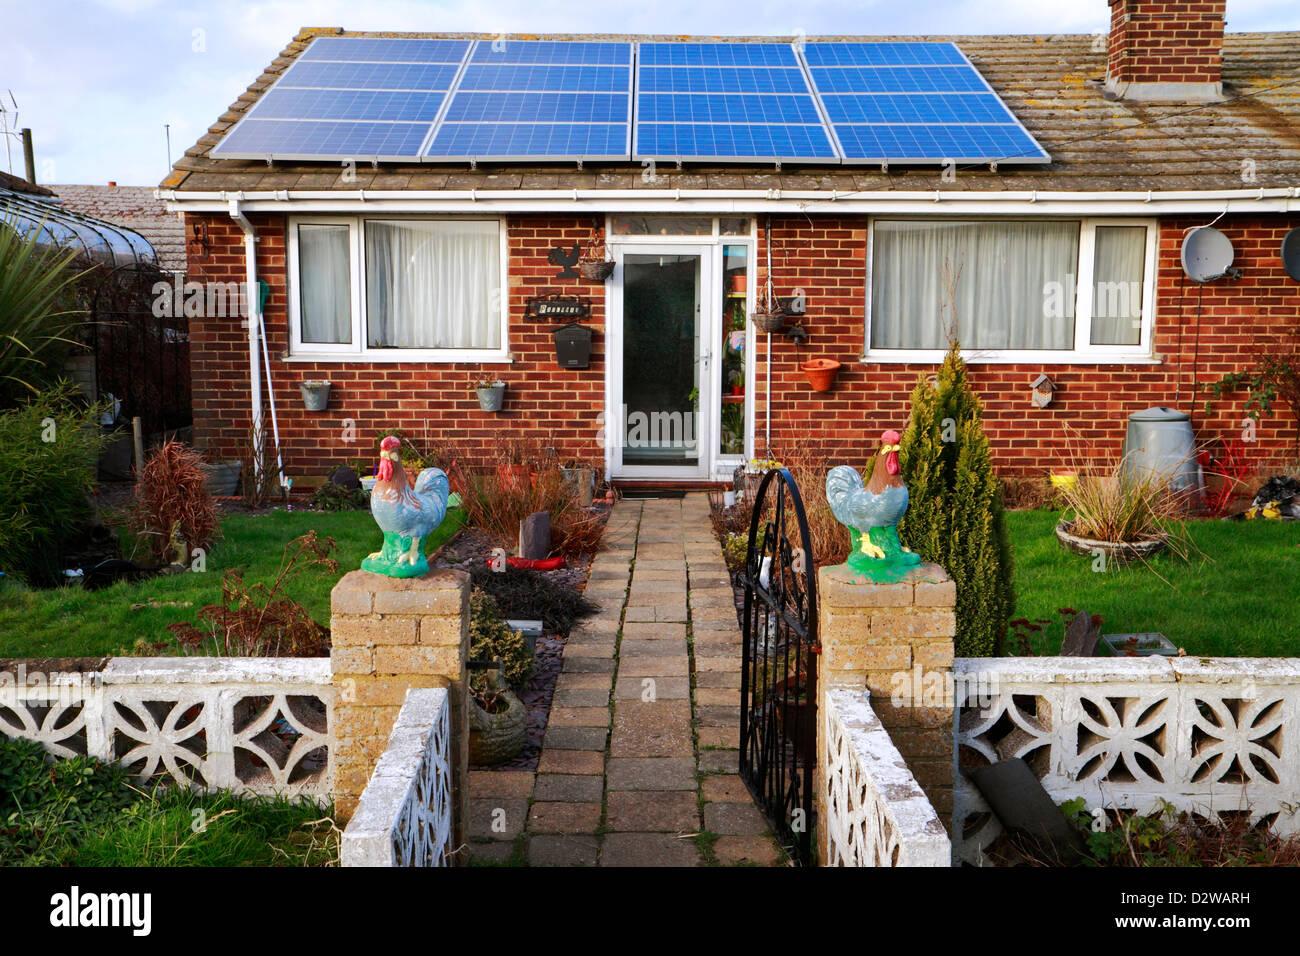 Bungalow con paneles solares en el techo, Leysdown, en la isla de Sheppey, Kent, UK Imagen De Stock